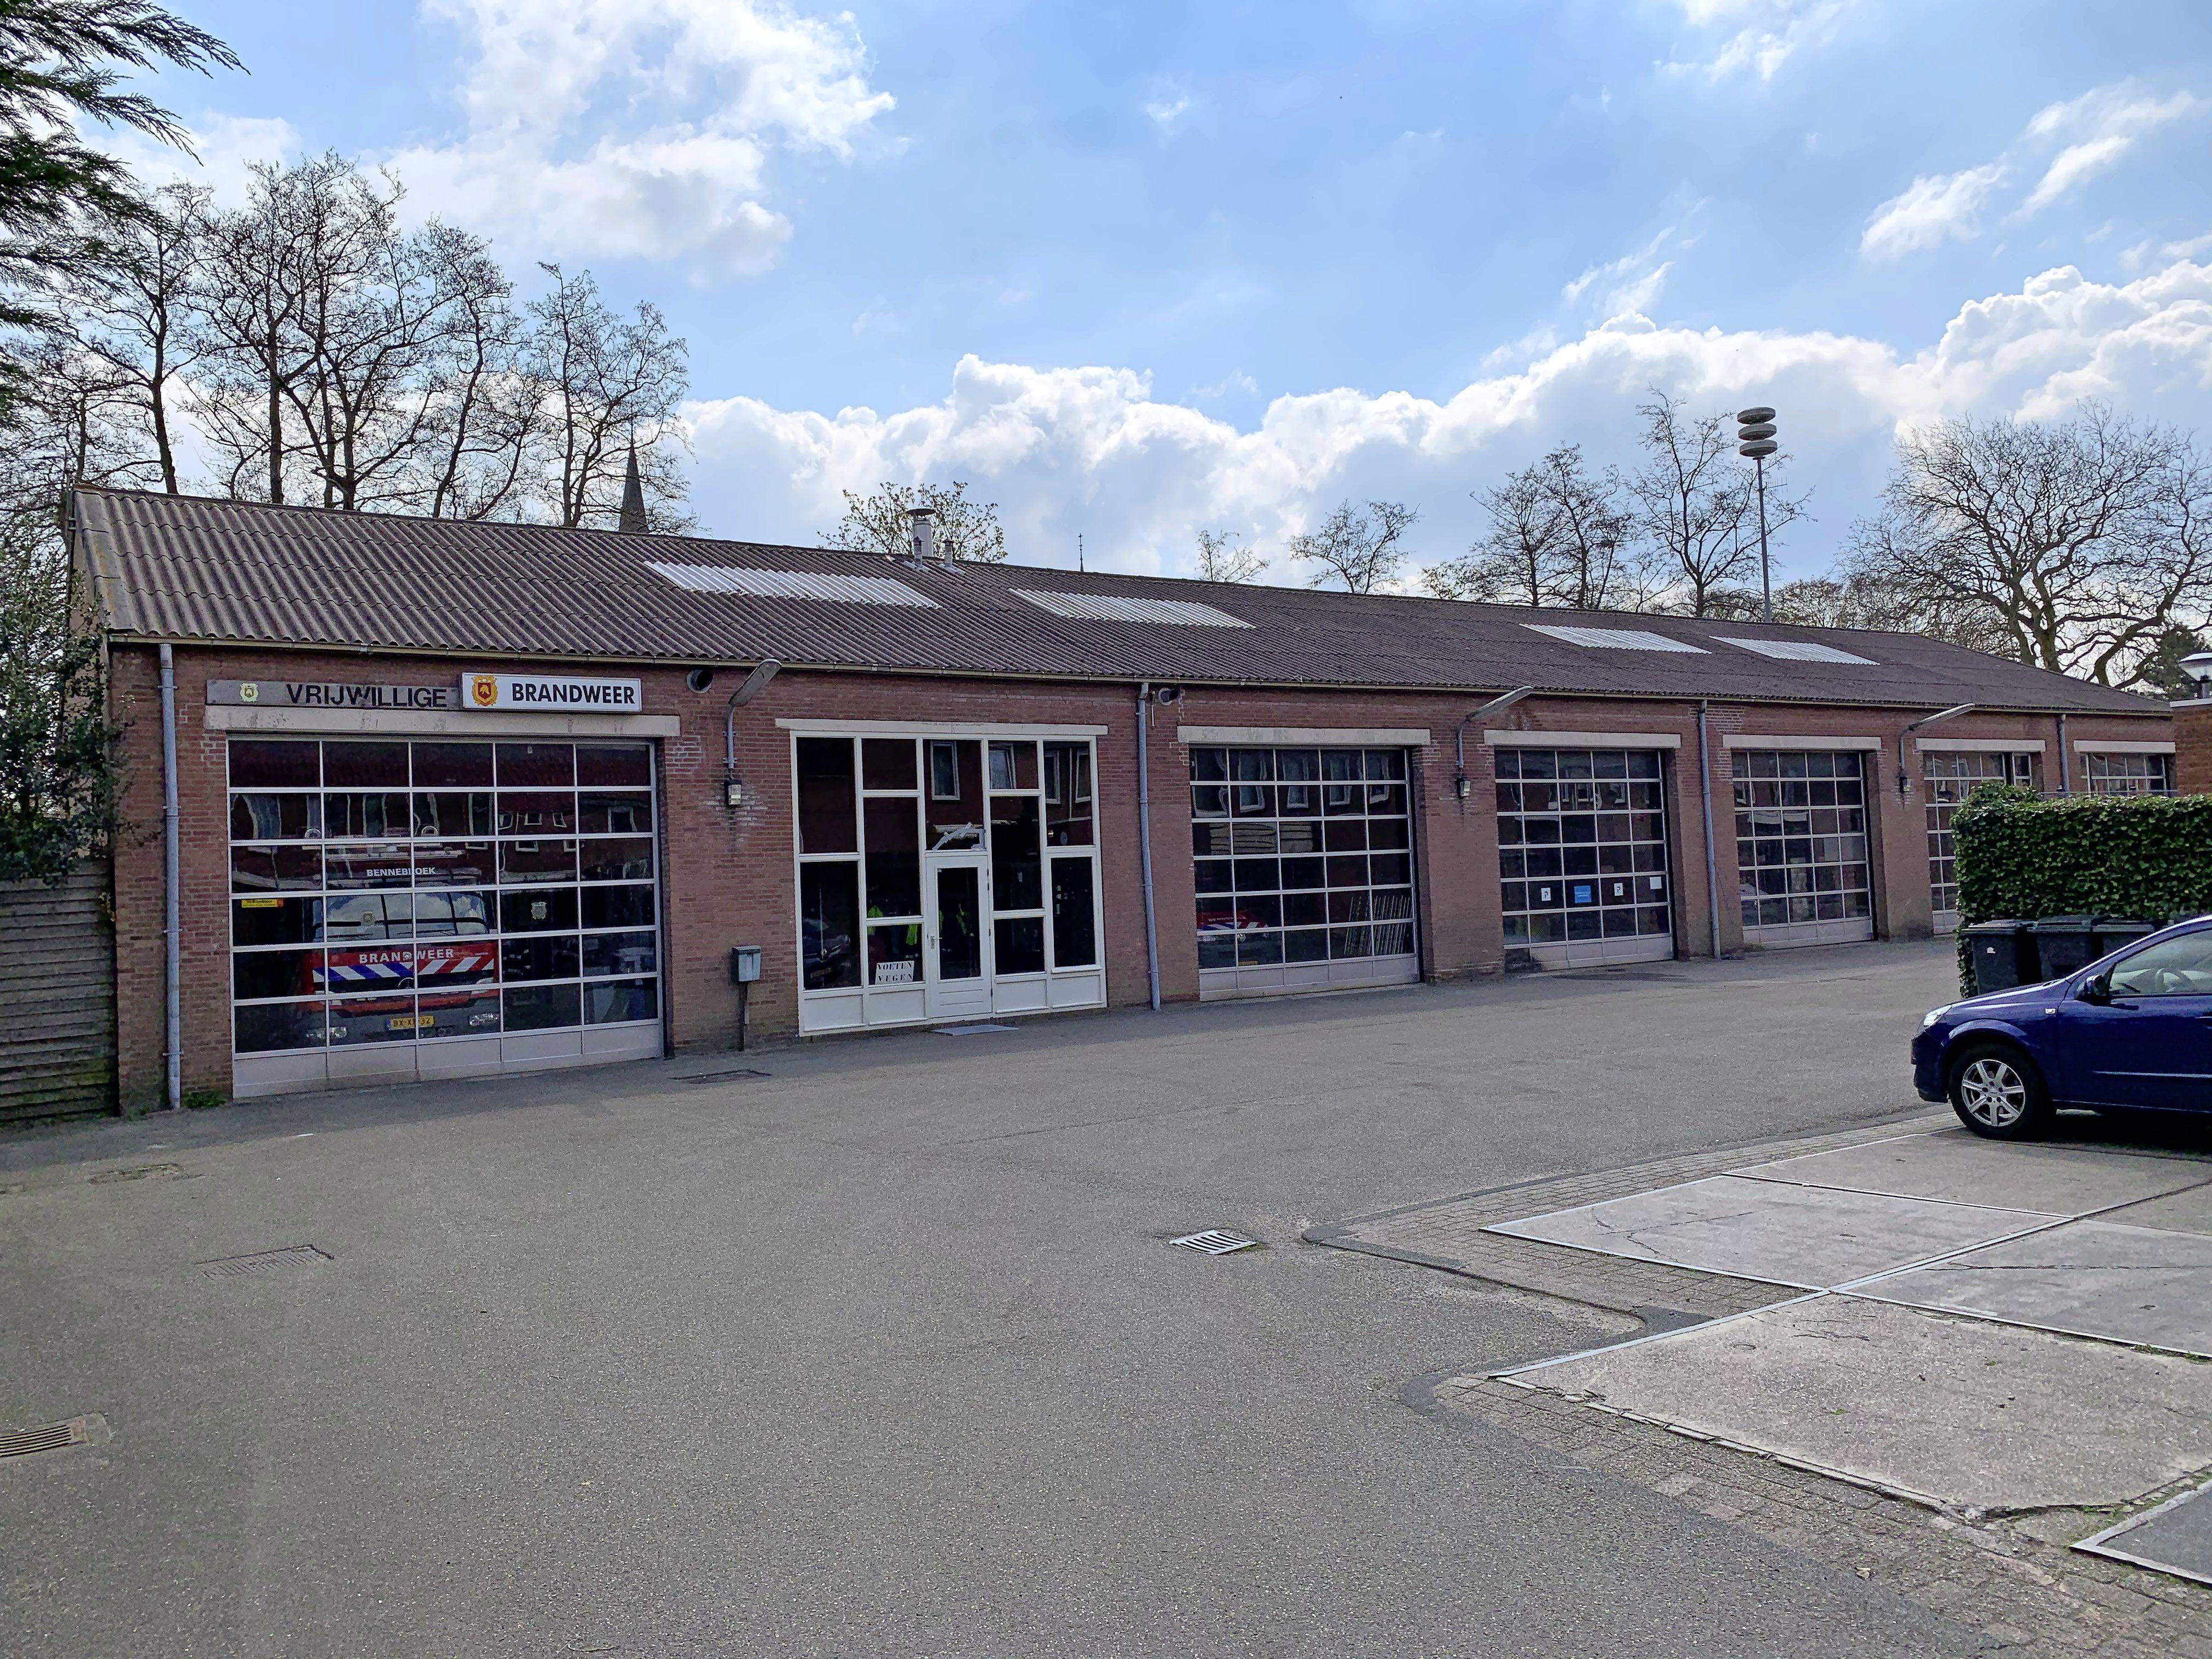 Ernstige zinkvervuiling onder brandweerkazerne Bennebroek. Burgemeester Roest wil nieuwbouw gewoon laten doorgaan